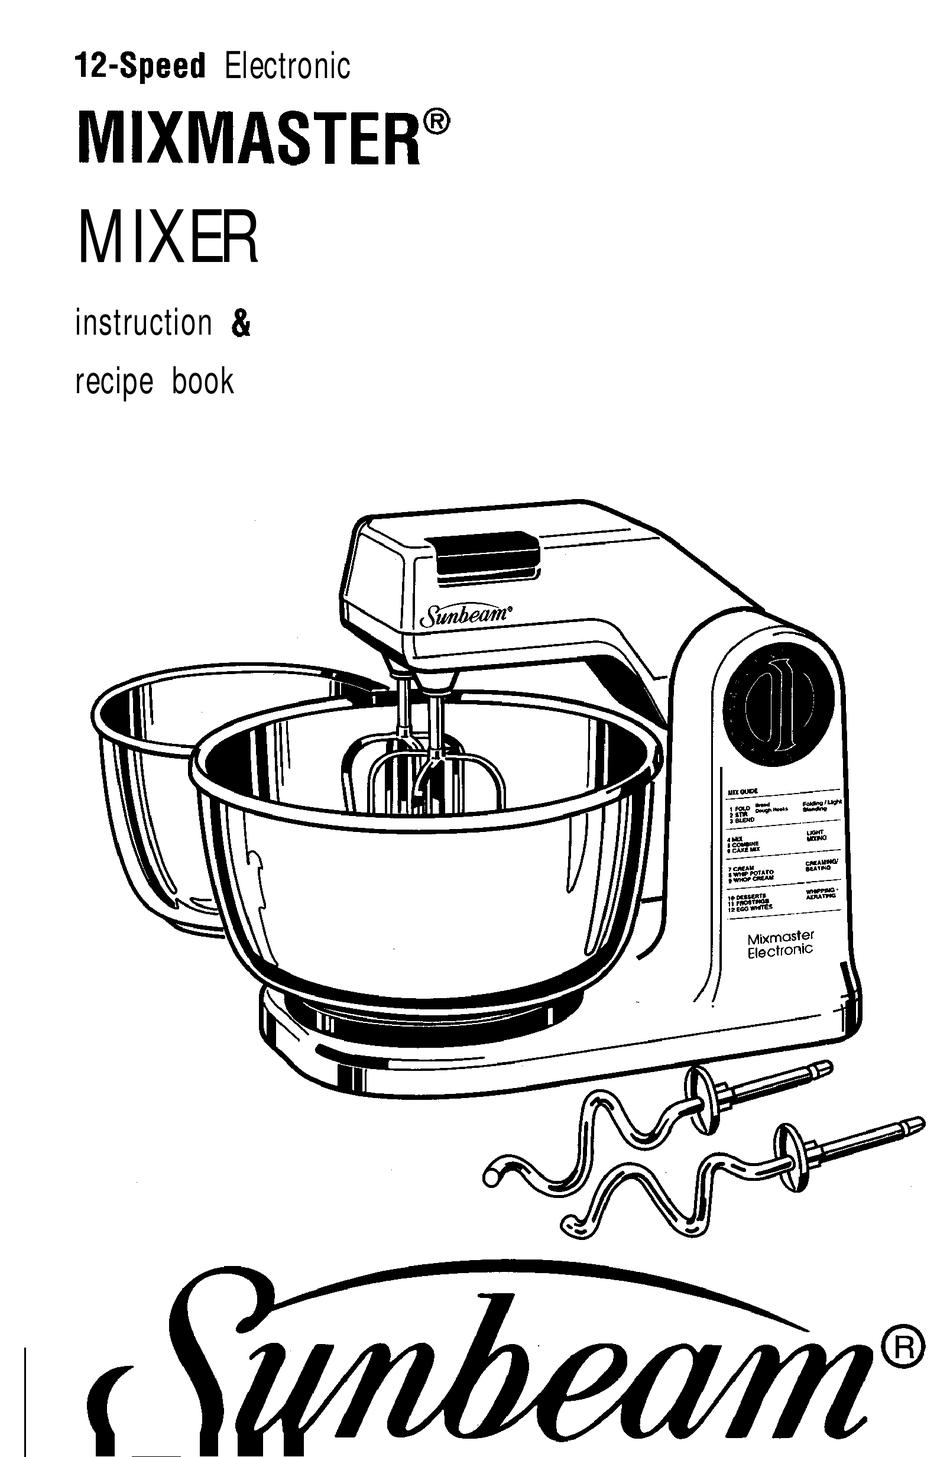 SUNBEAM MIXMASTER 12-SPEED ELECTRONIC MIXMASTER